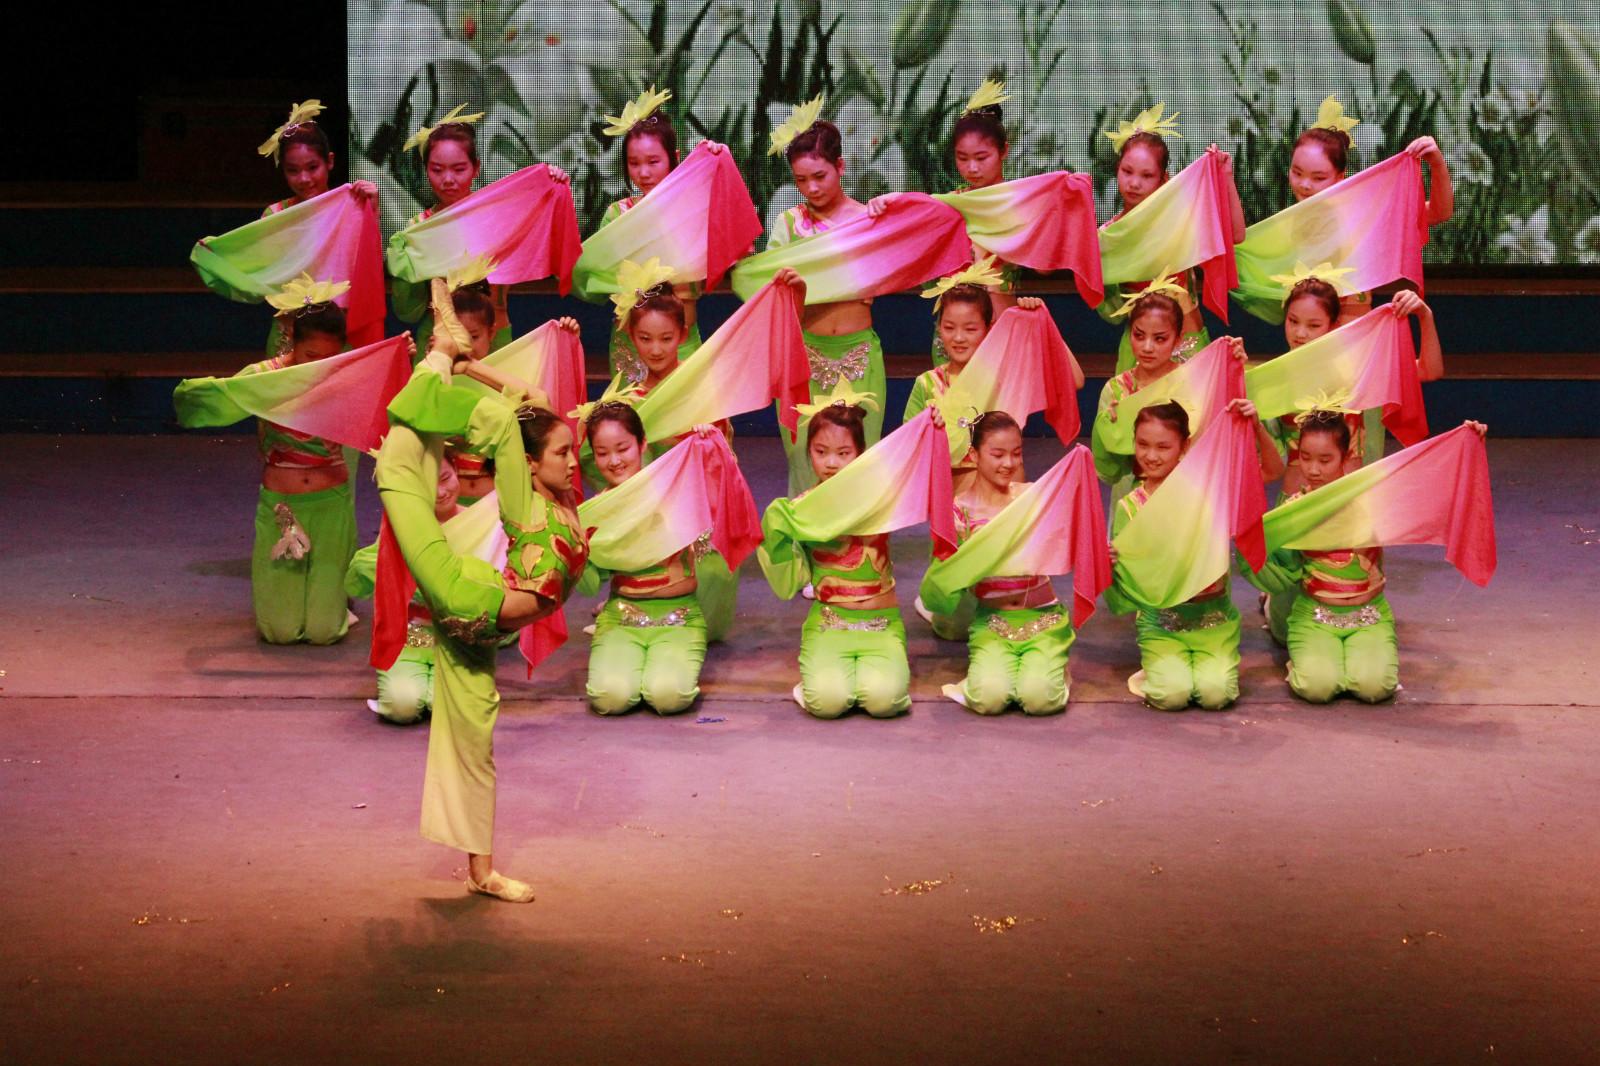 艺苗舞蹈学校是专注致力于少年儿童舞蹈艺术教育的最专业培训机构!